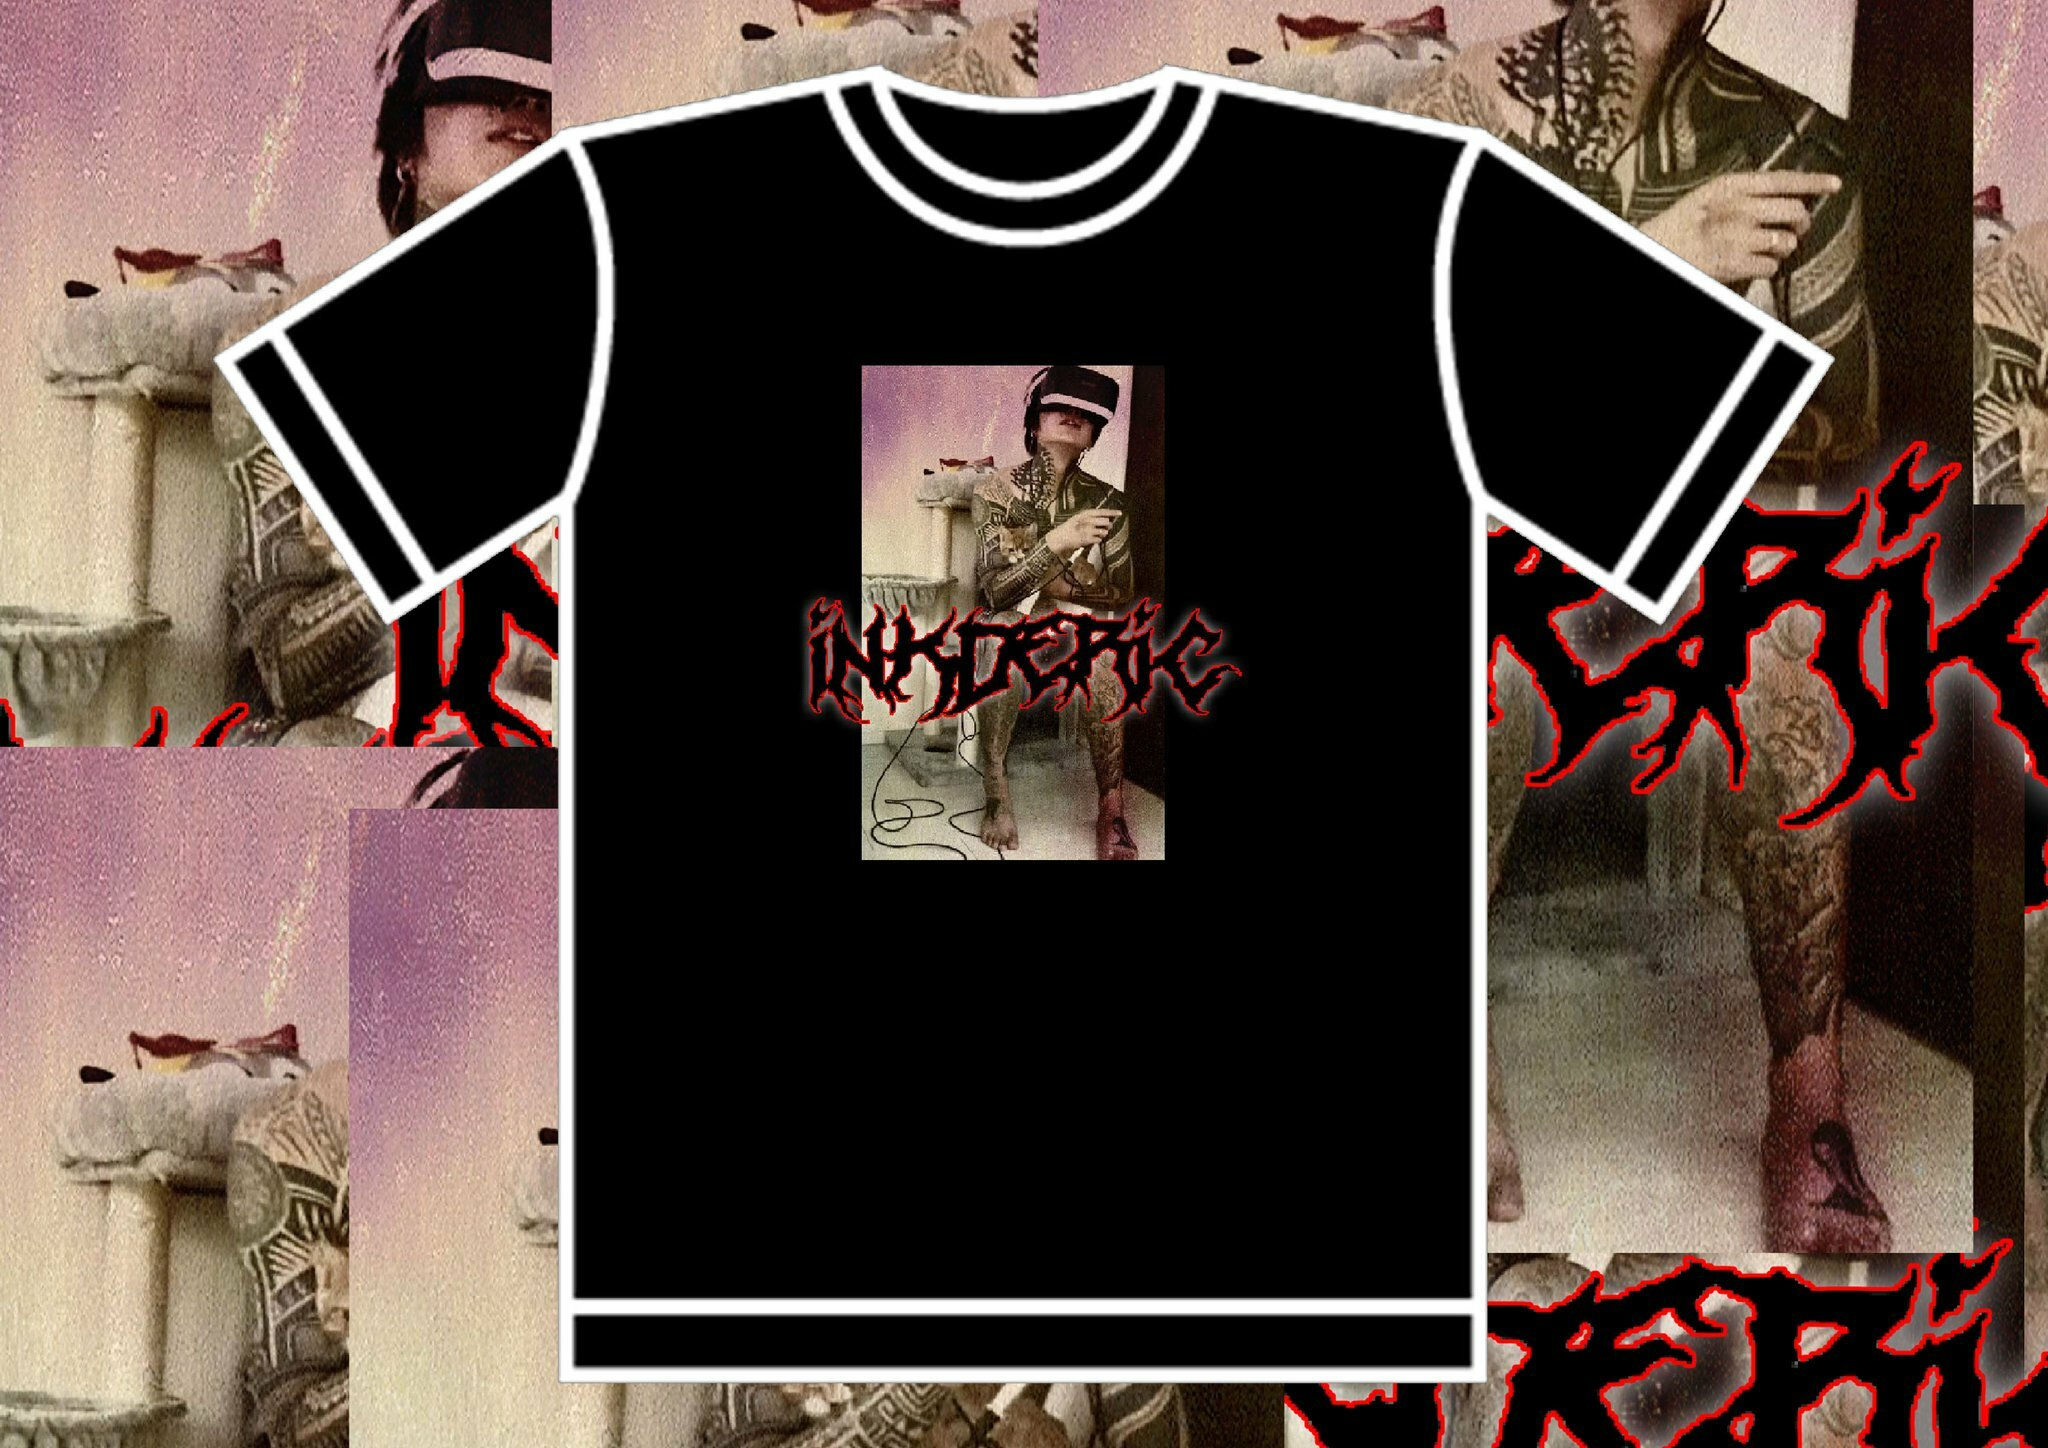 VR泥酔Tshirts